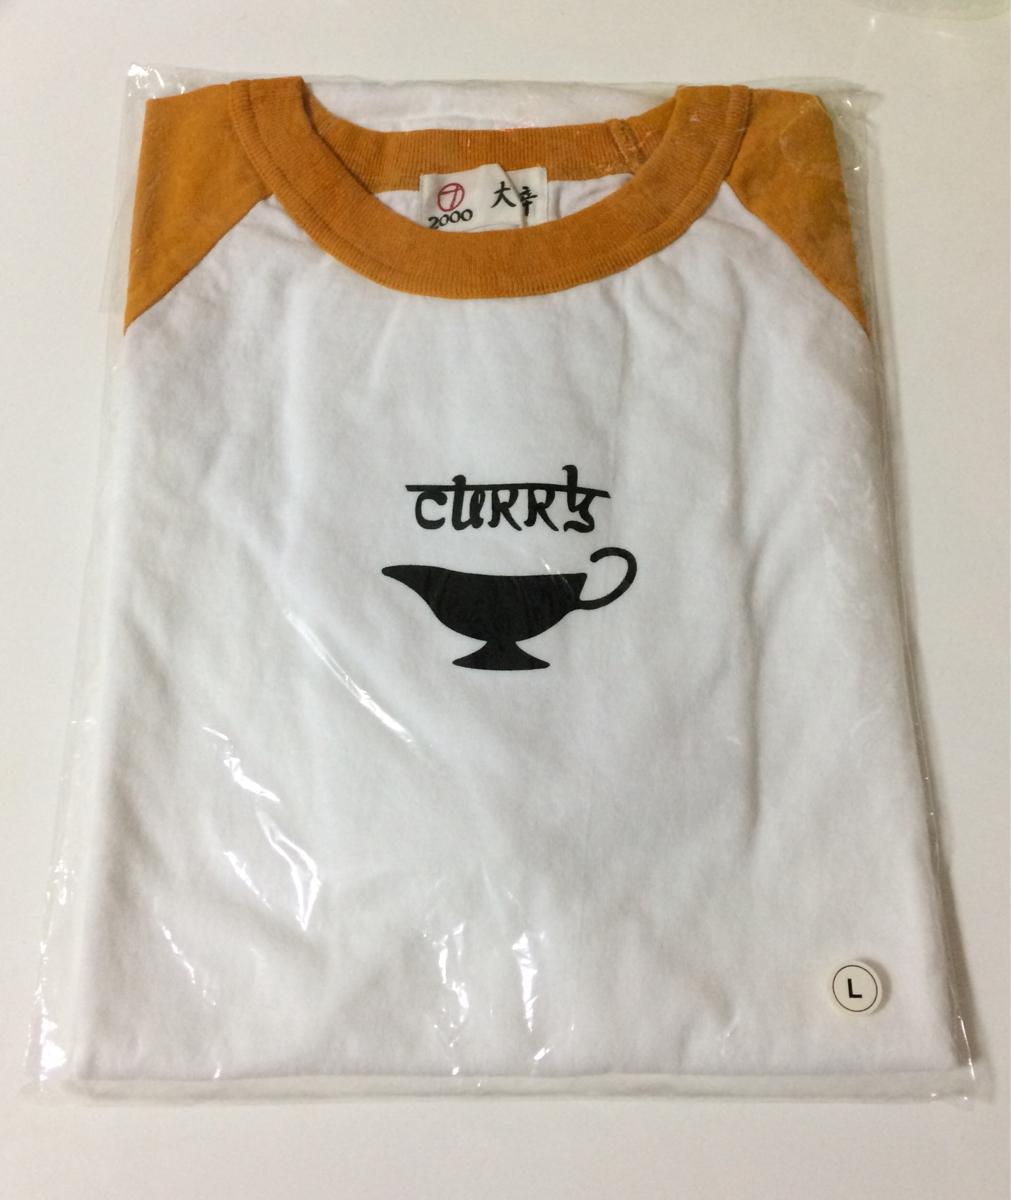 奥田民生 ツアーグッズ カレーTシャツ Lサイズ 未使用 ユニコーンABEDONサンフジンズRCM限定記念